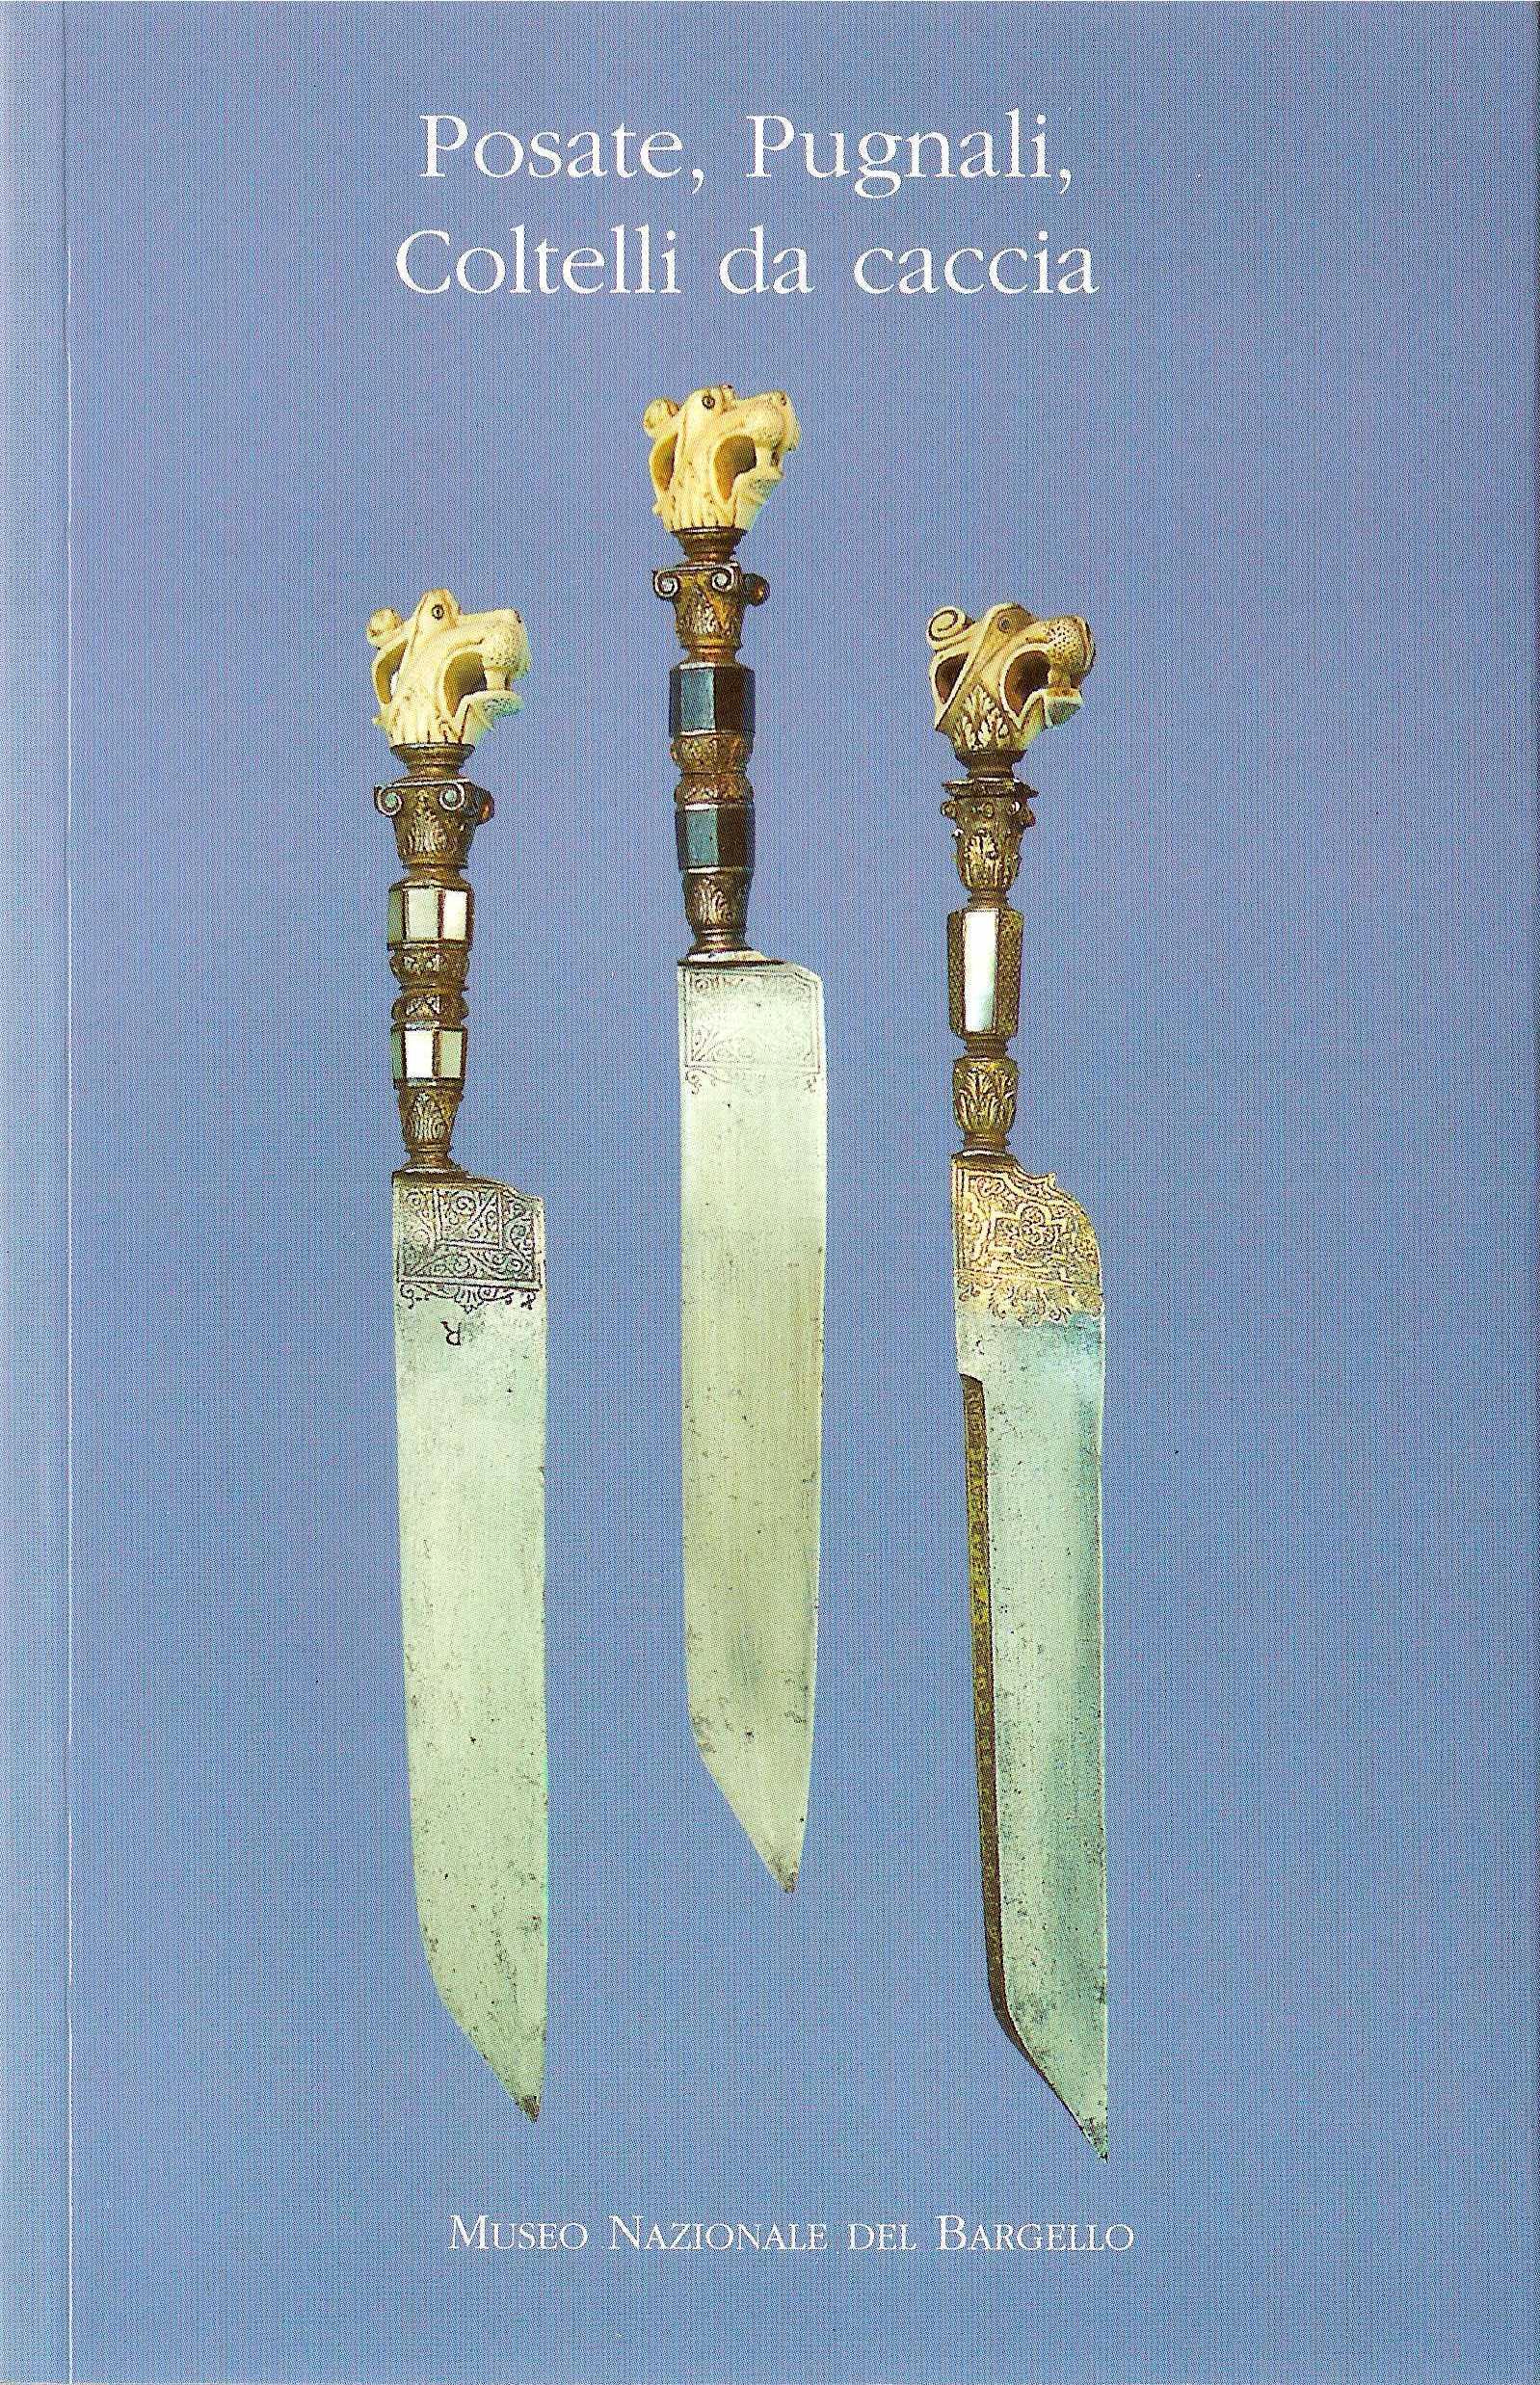 Posate, pugnali, coltelli da caccia